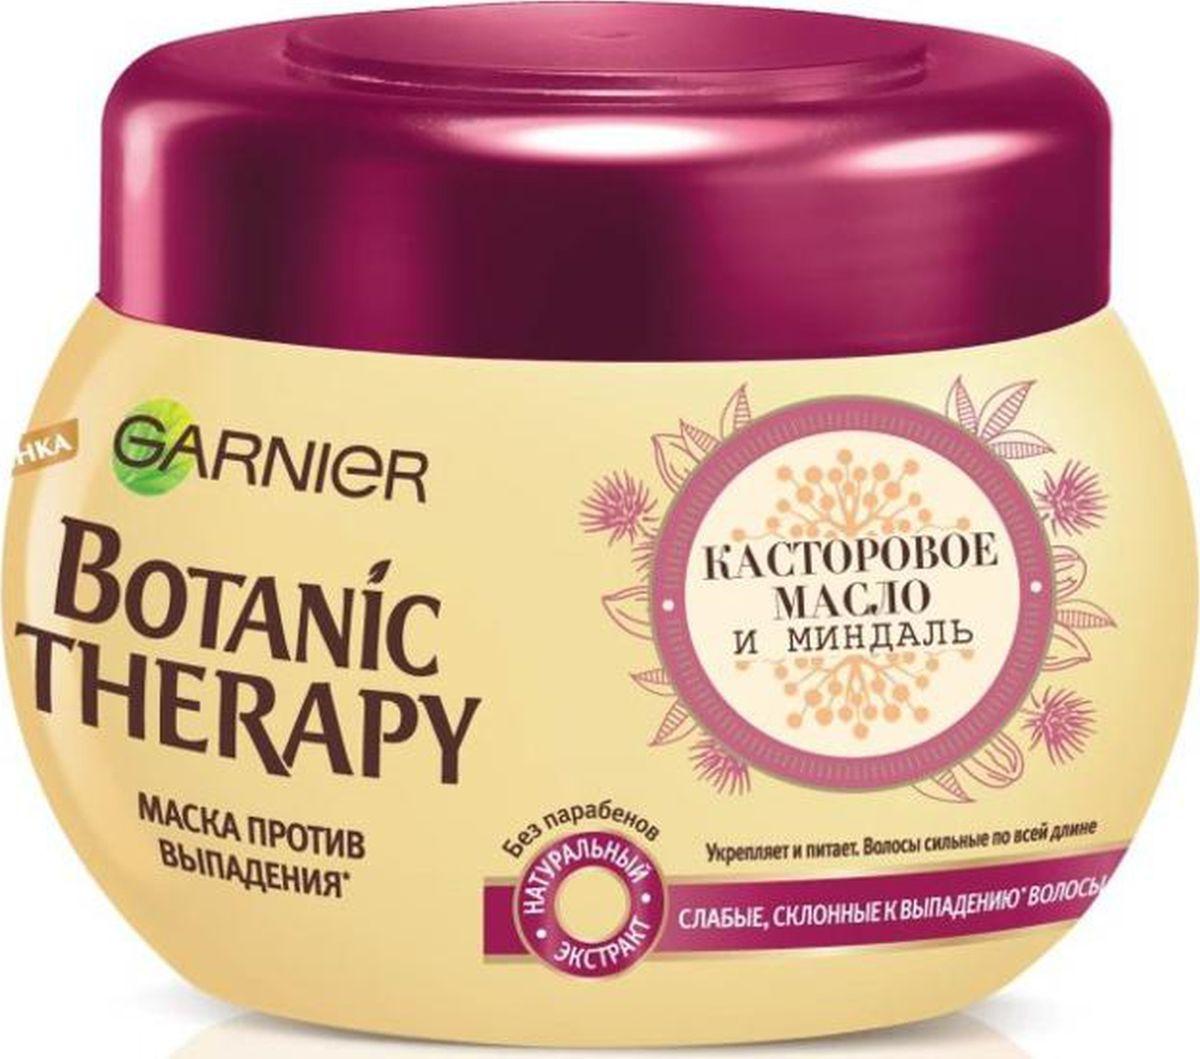 Garnier Маска для волос Botanic Therapy, Касторовое масло и миндаль ослабленных волос, склонных к выпаданию, 300 мл Уцененный товар (№1)